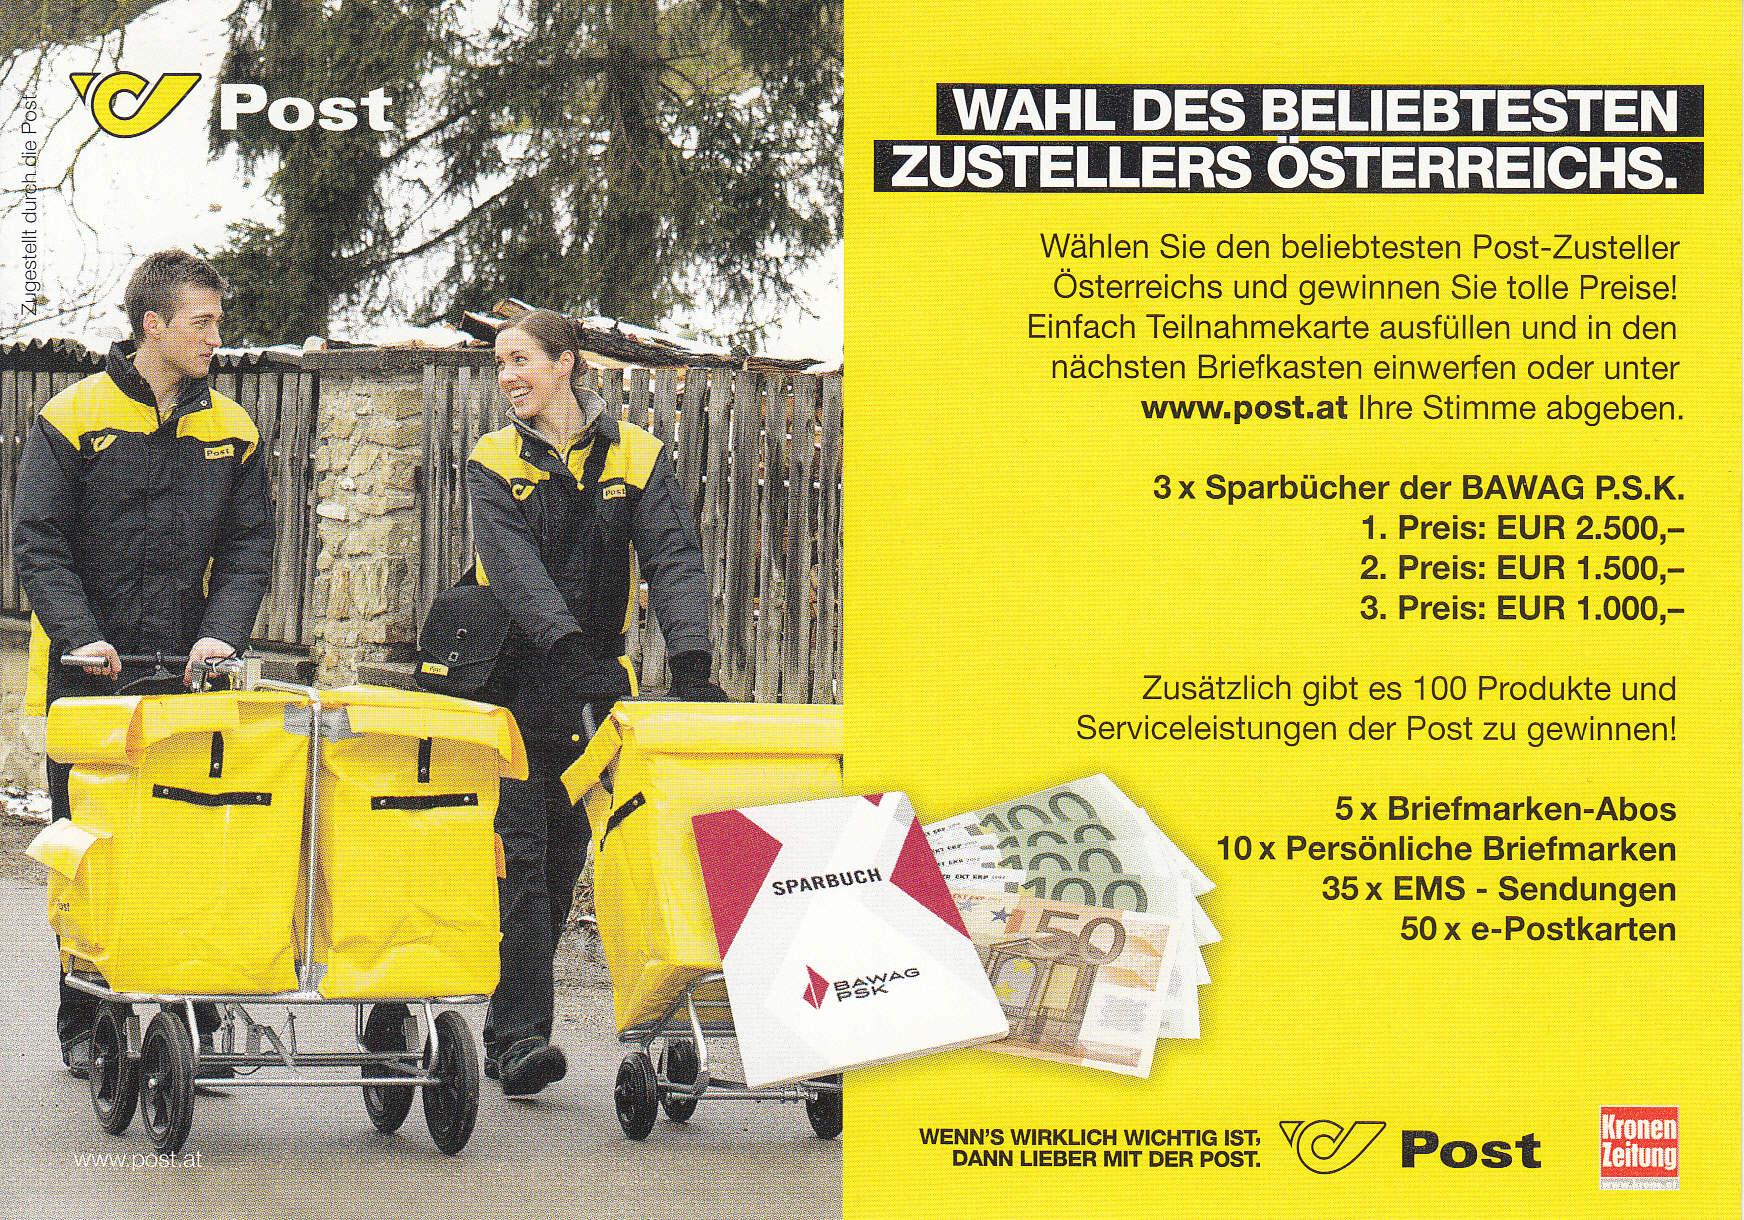 Postdienst – Service des postes - Postdienstkarten - Österreich Img223